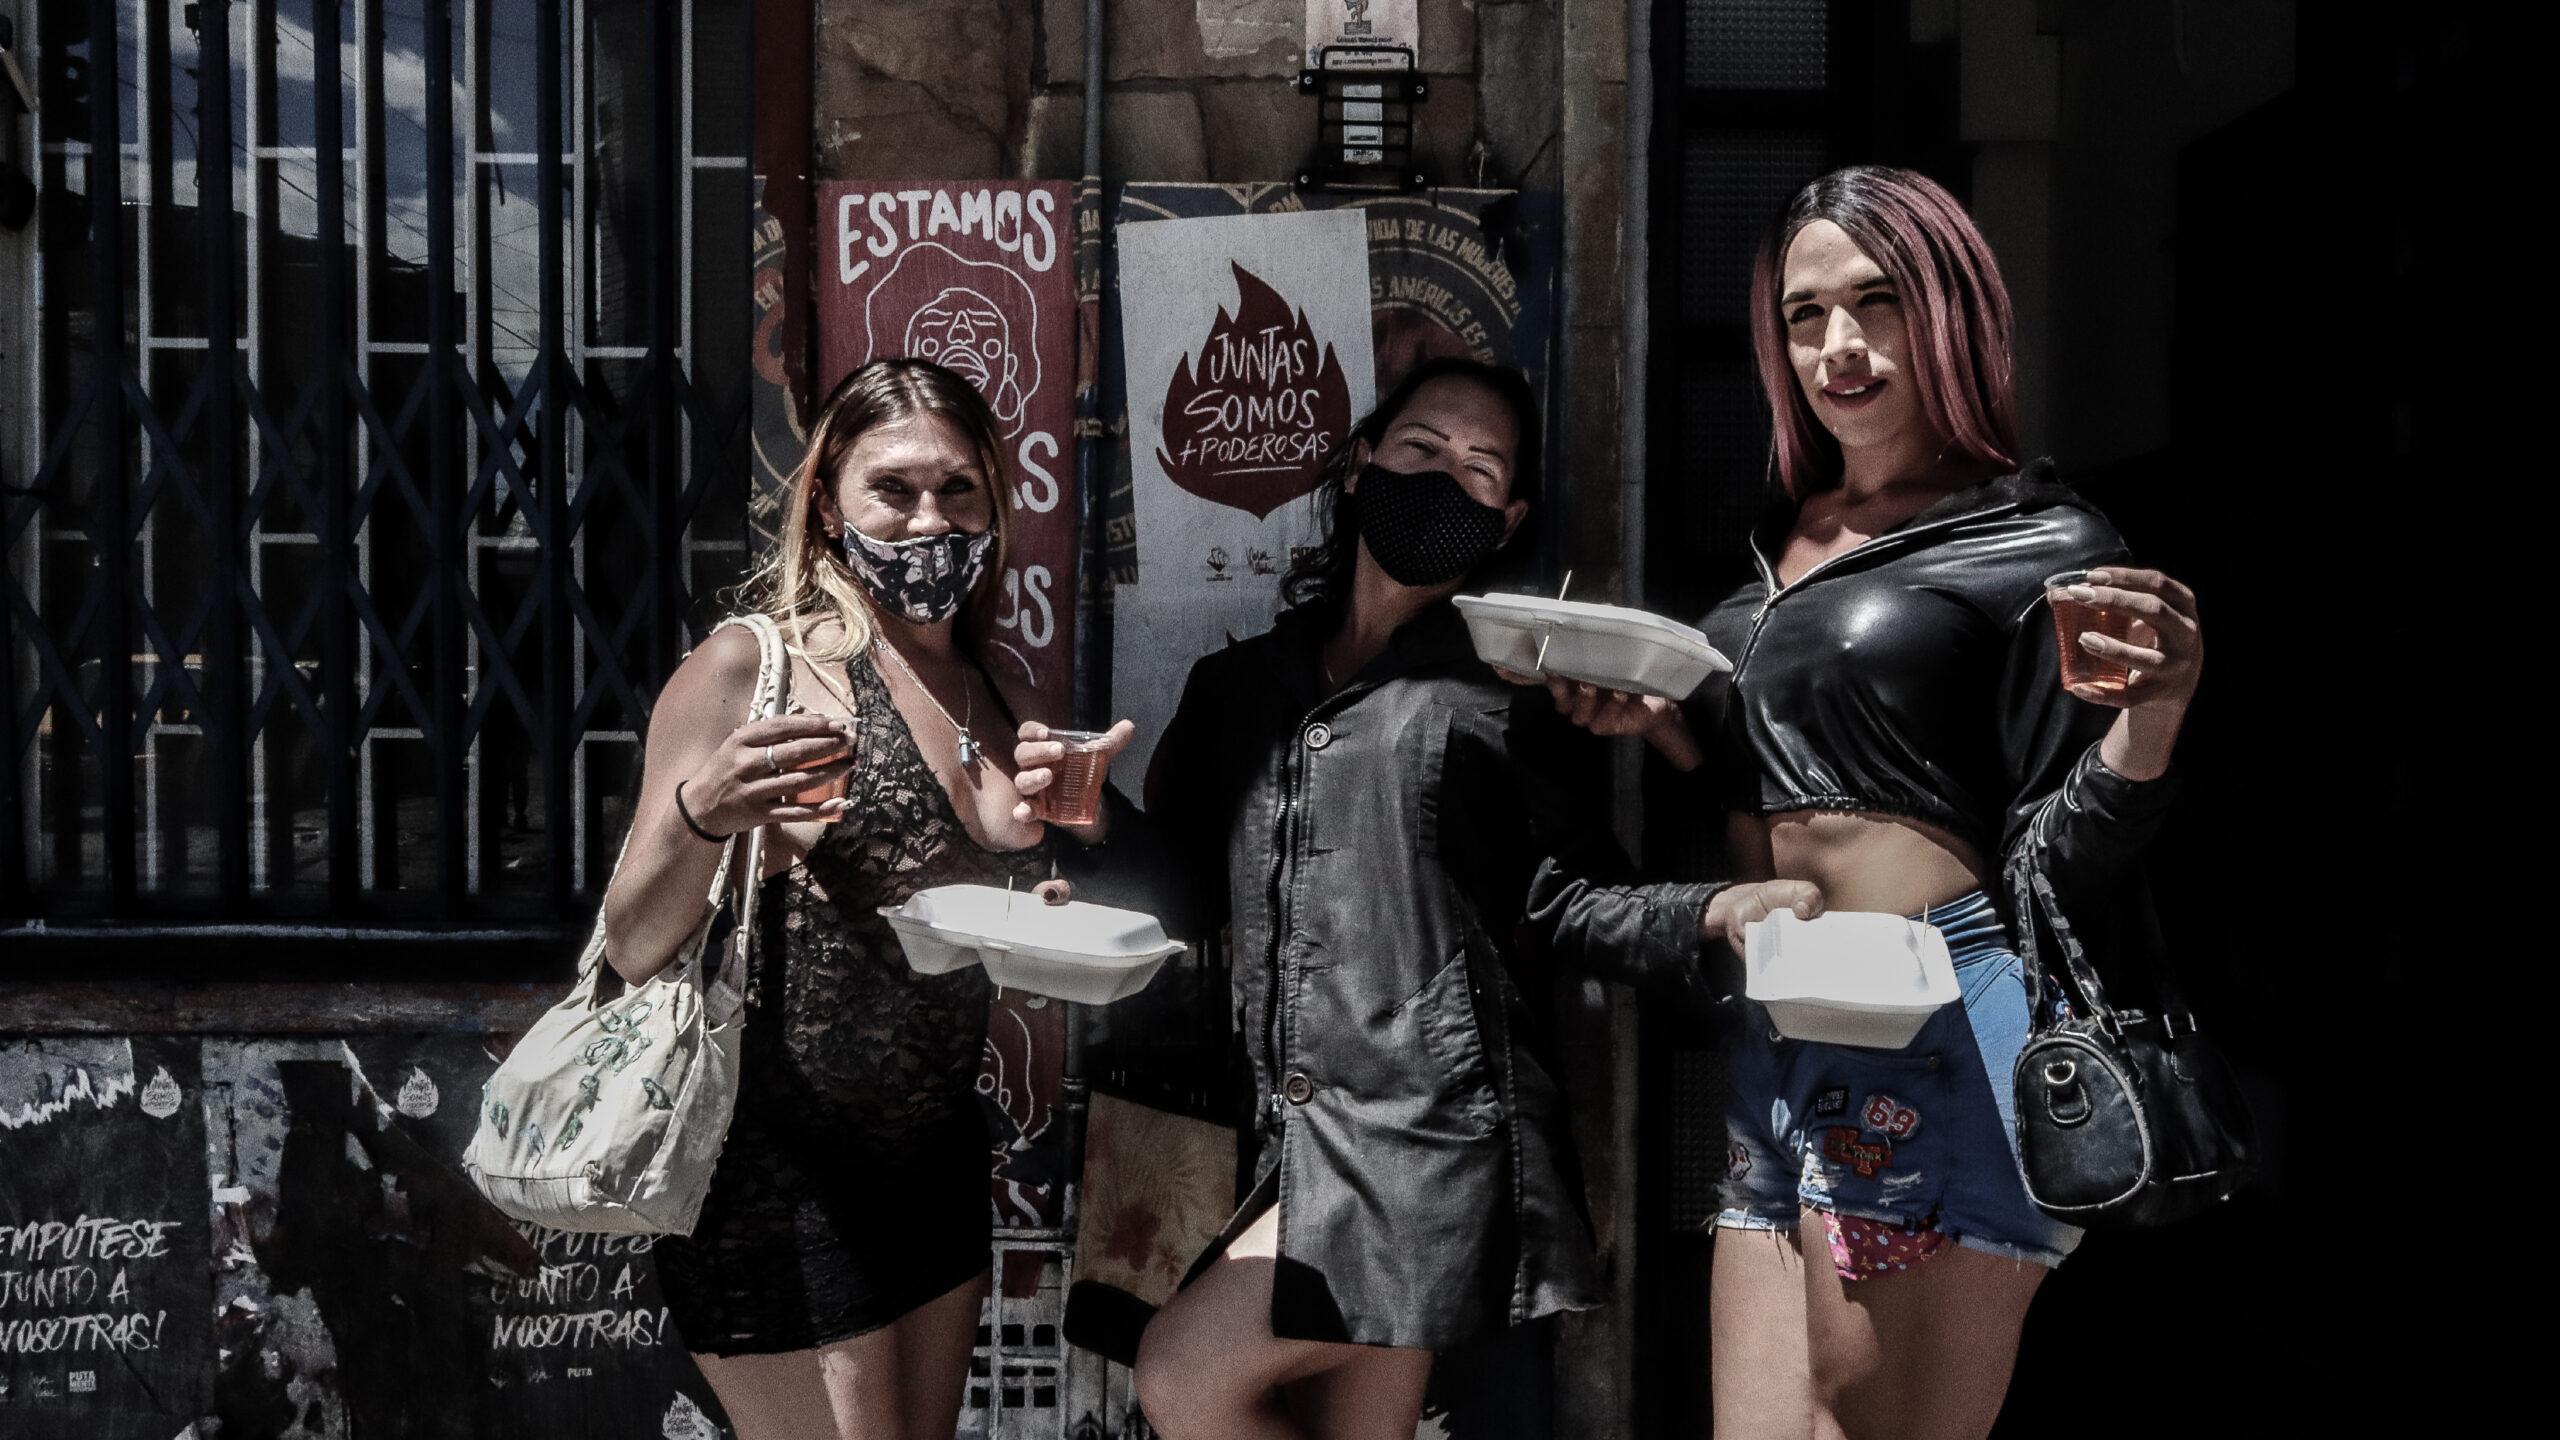 Tejido callejero: trabajadoras sexuales resisten juntas el impacto de la pandemia en Colombia